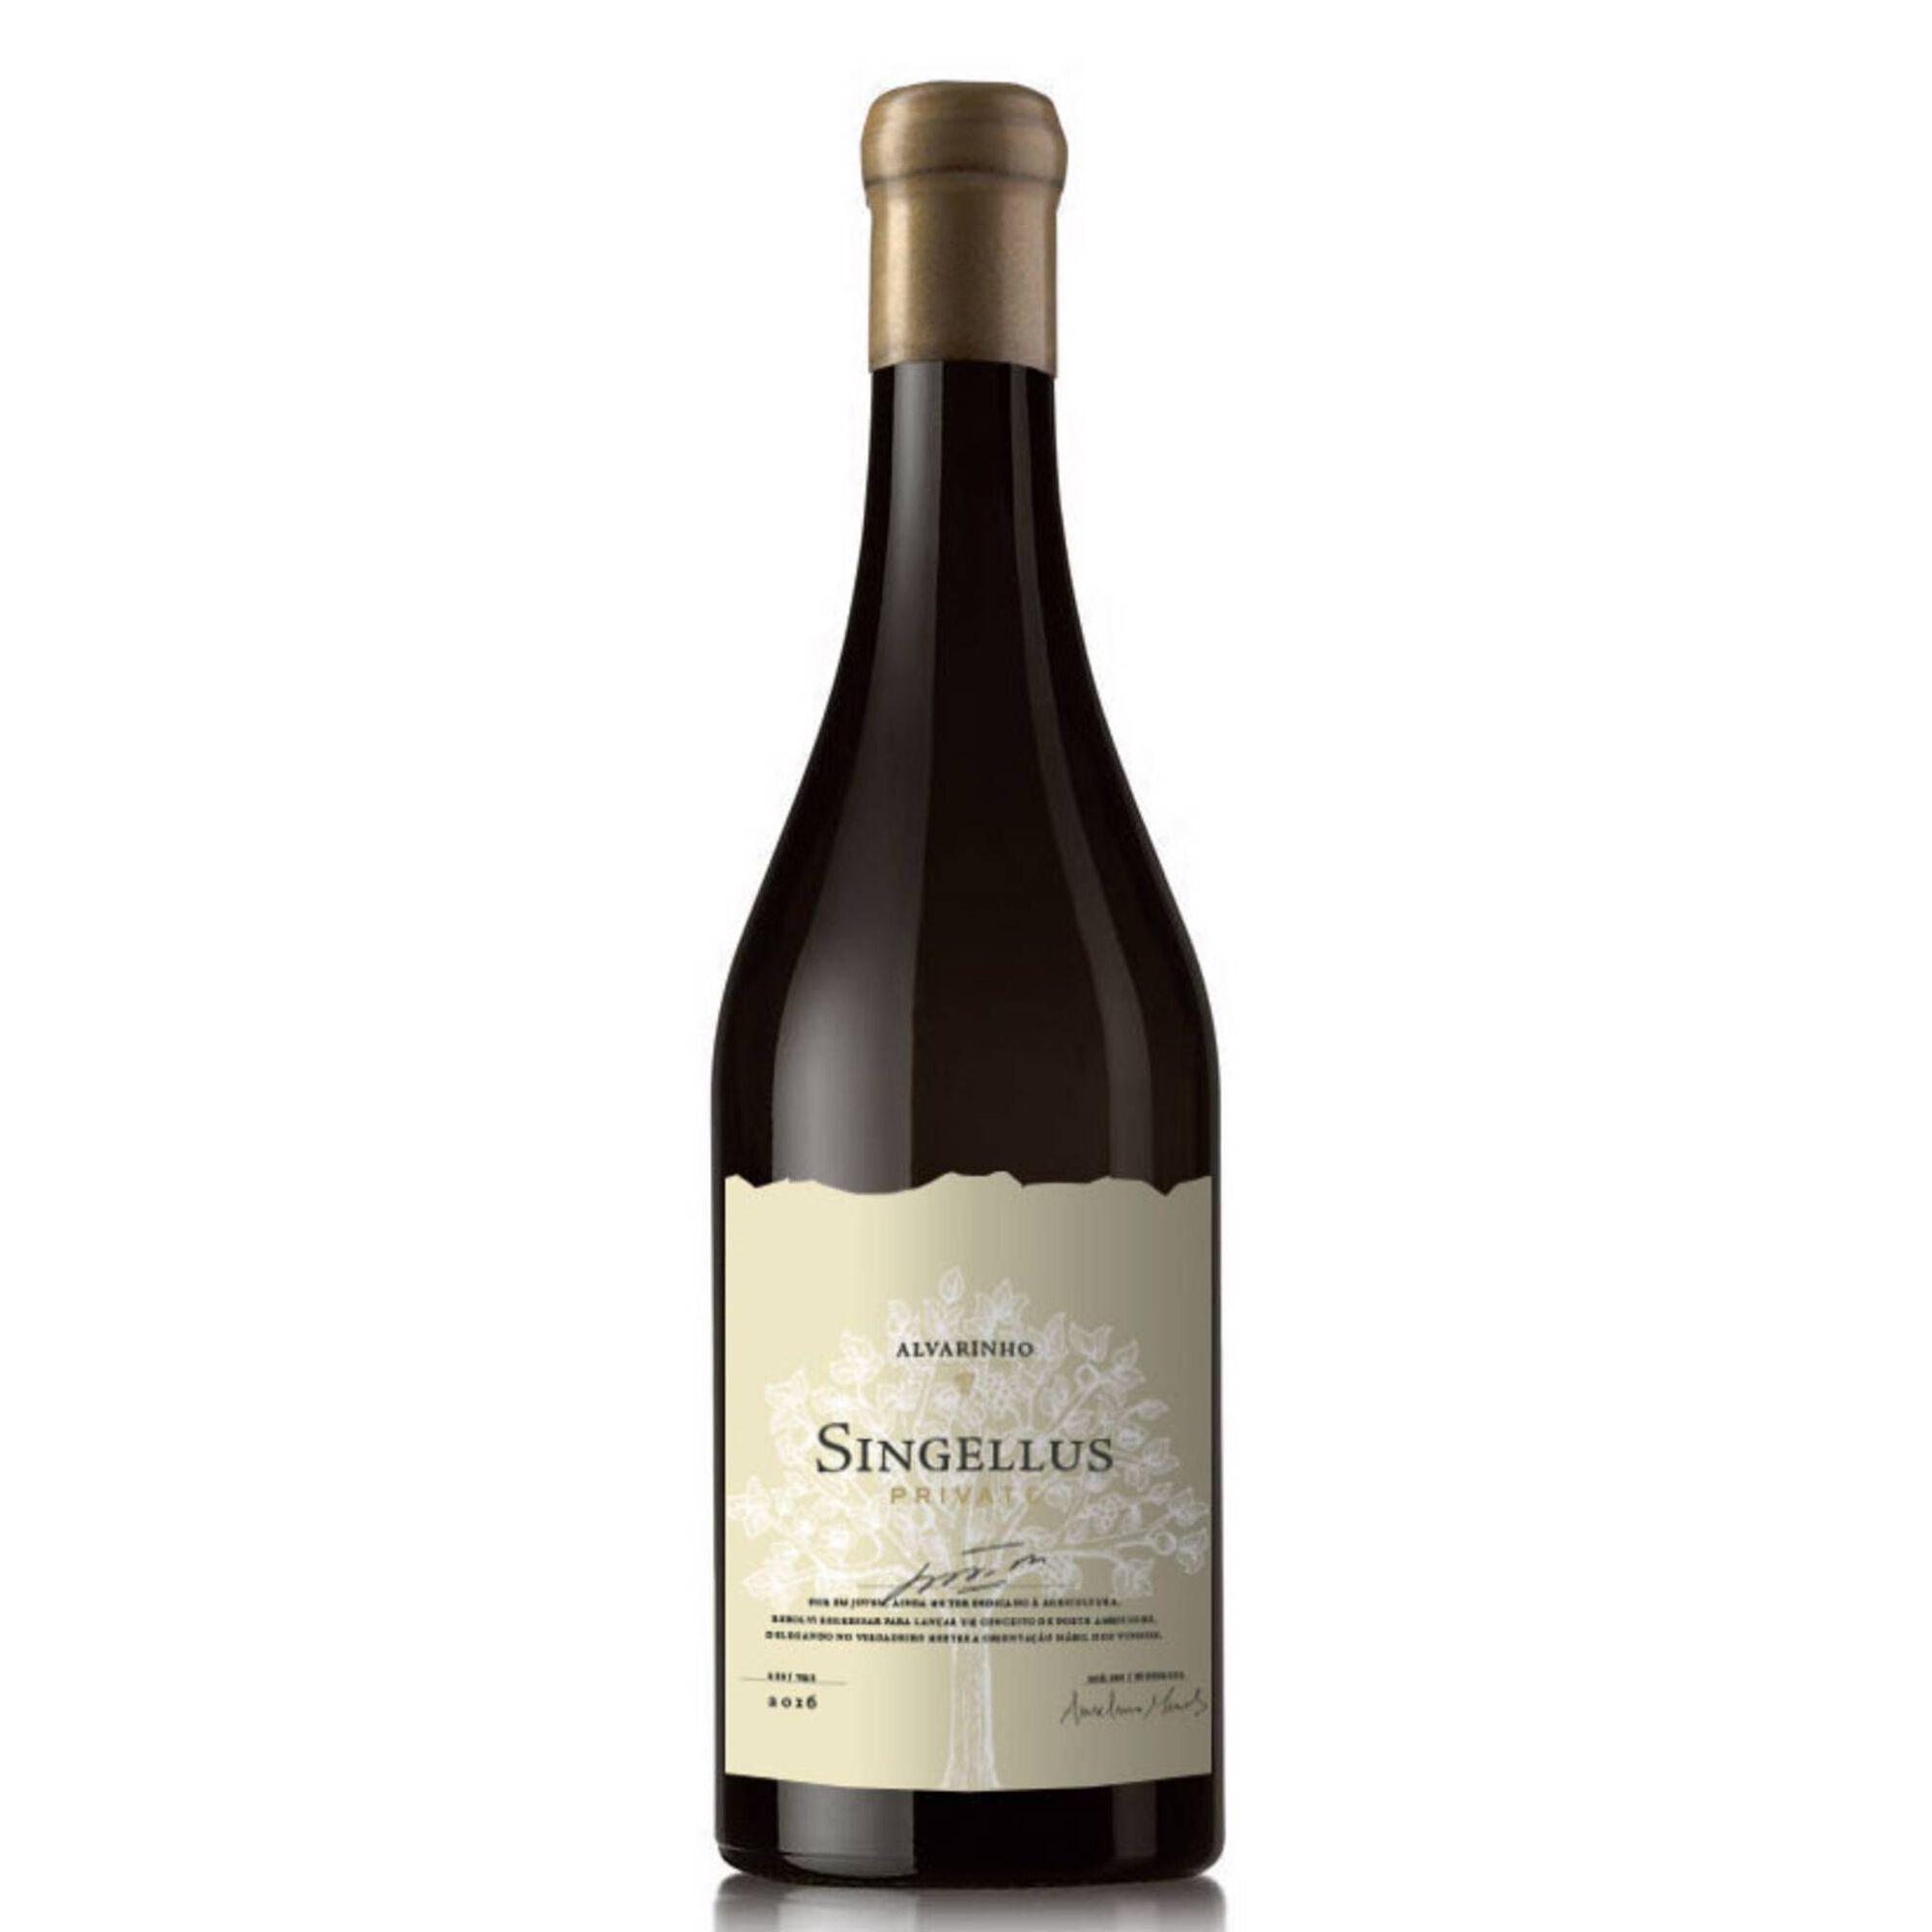 Singellus Private Alvarinho DOC Vinho Verde Branco